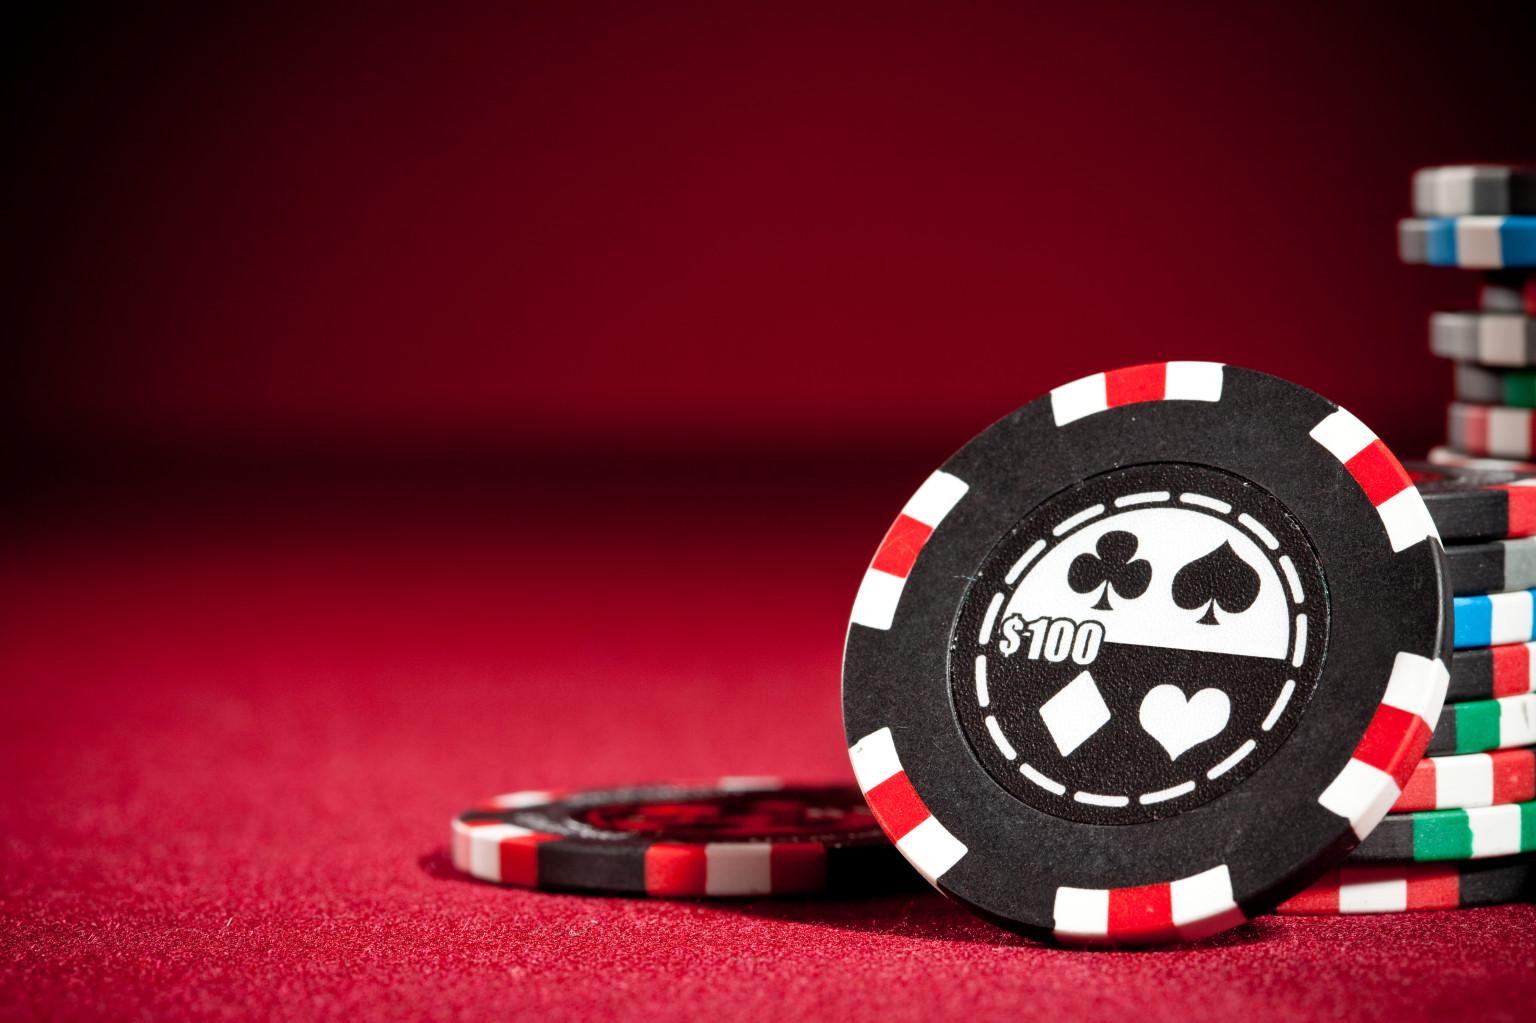 Trouver des bonus gratuits avec academie poker liegeois